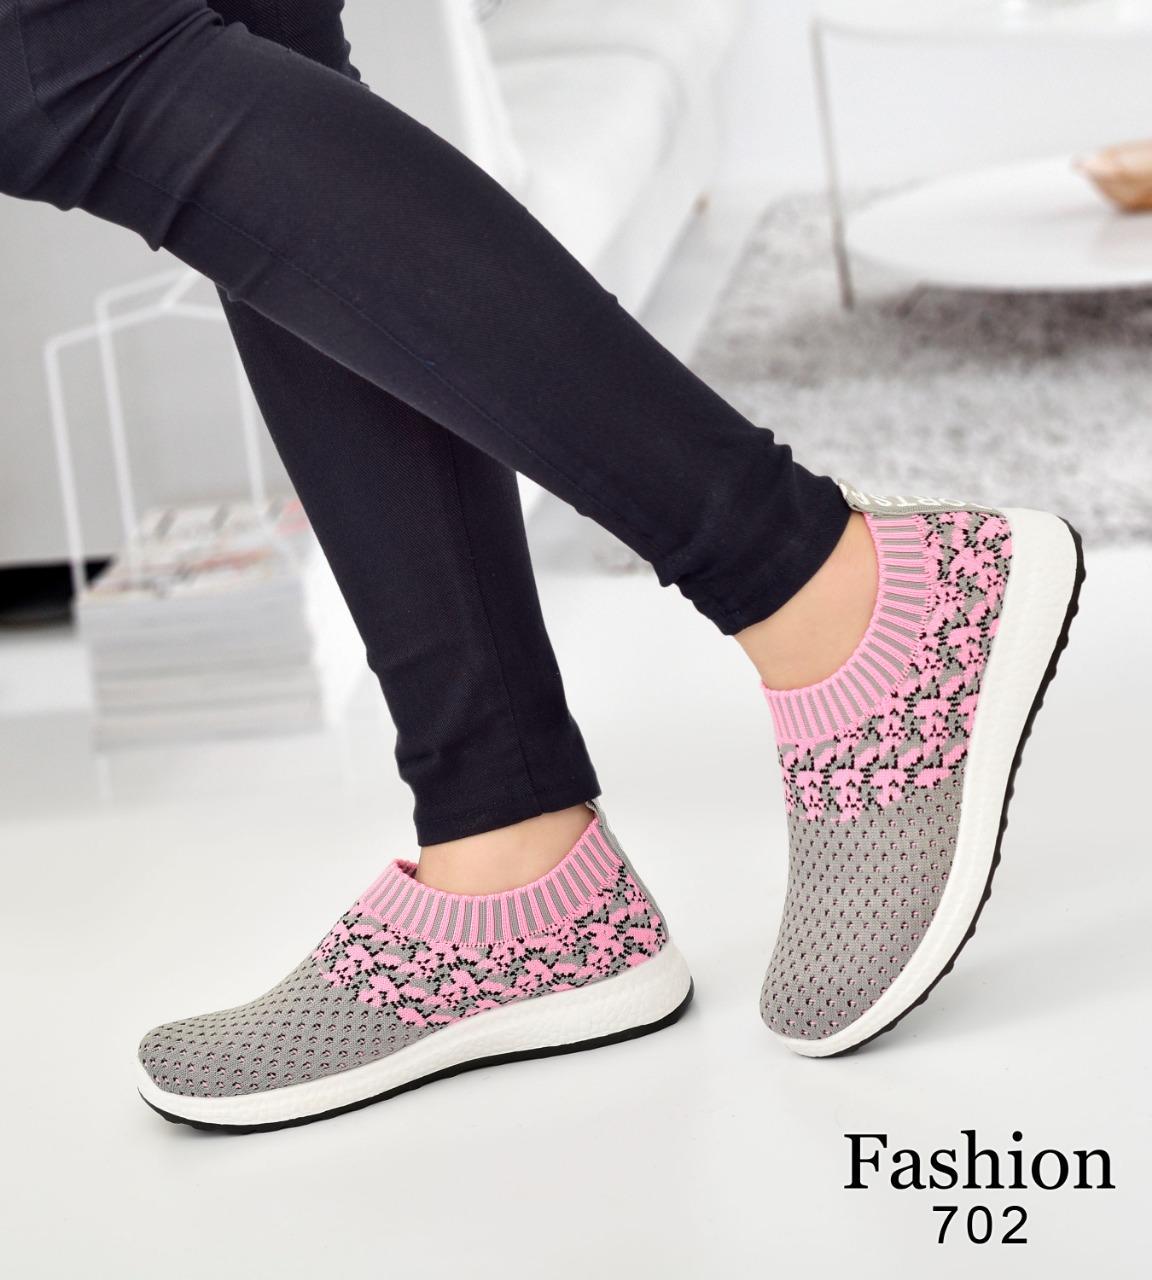 B3-NM  Sepatu Sneakers Fashion 702 - Fashion Sepatu Sneakers Wanita Import  Berkualitas 5df8cec51c